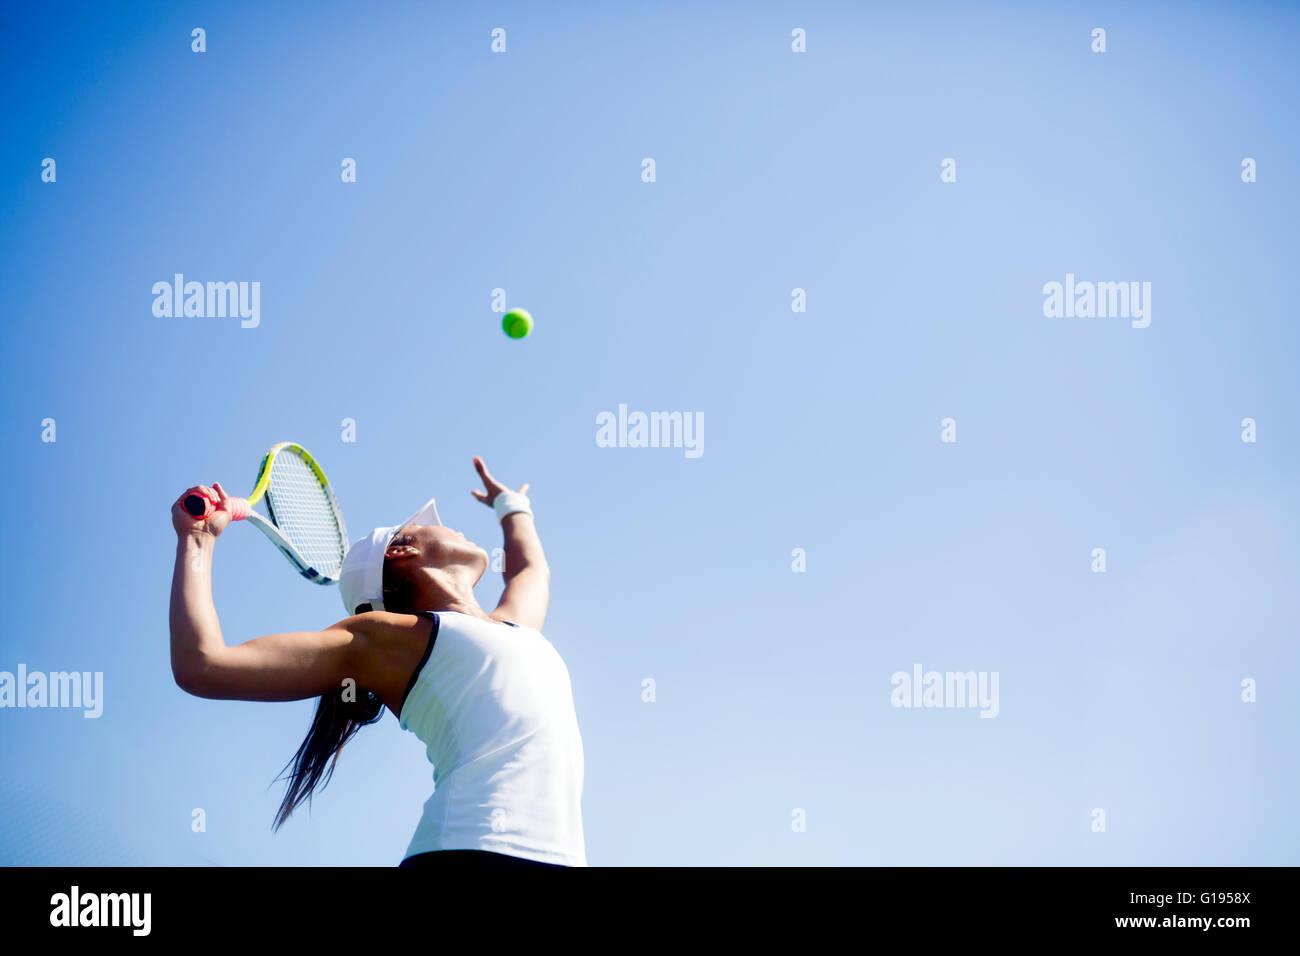 Bellissima femmina giocatore di tennis che serve per esterno Immagini Stock